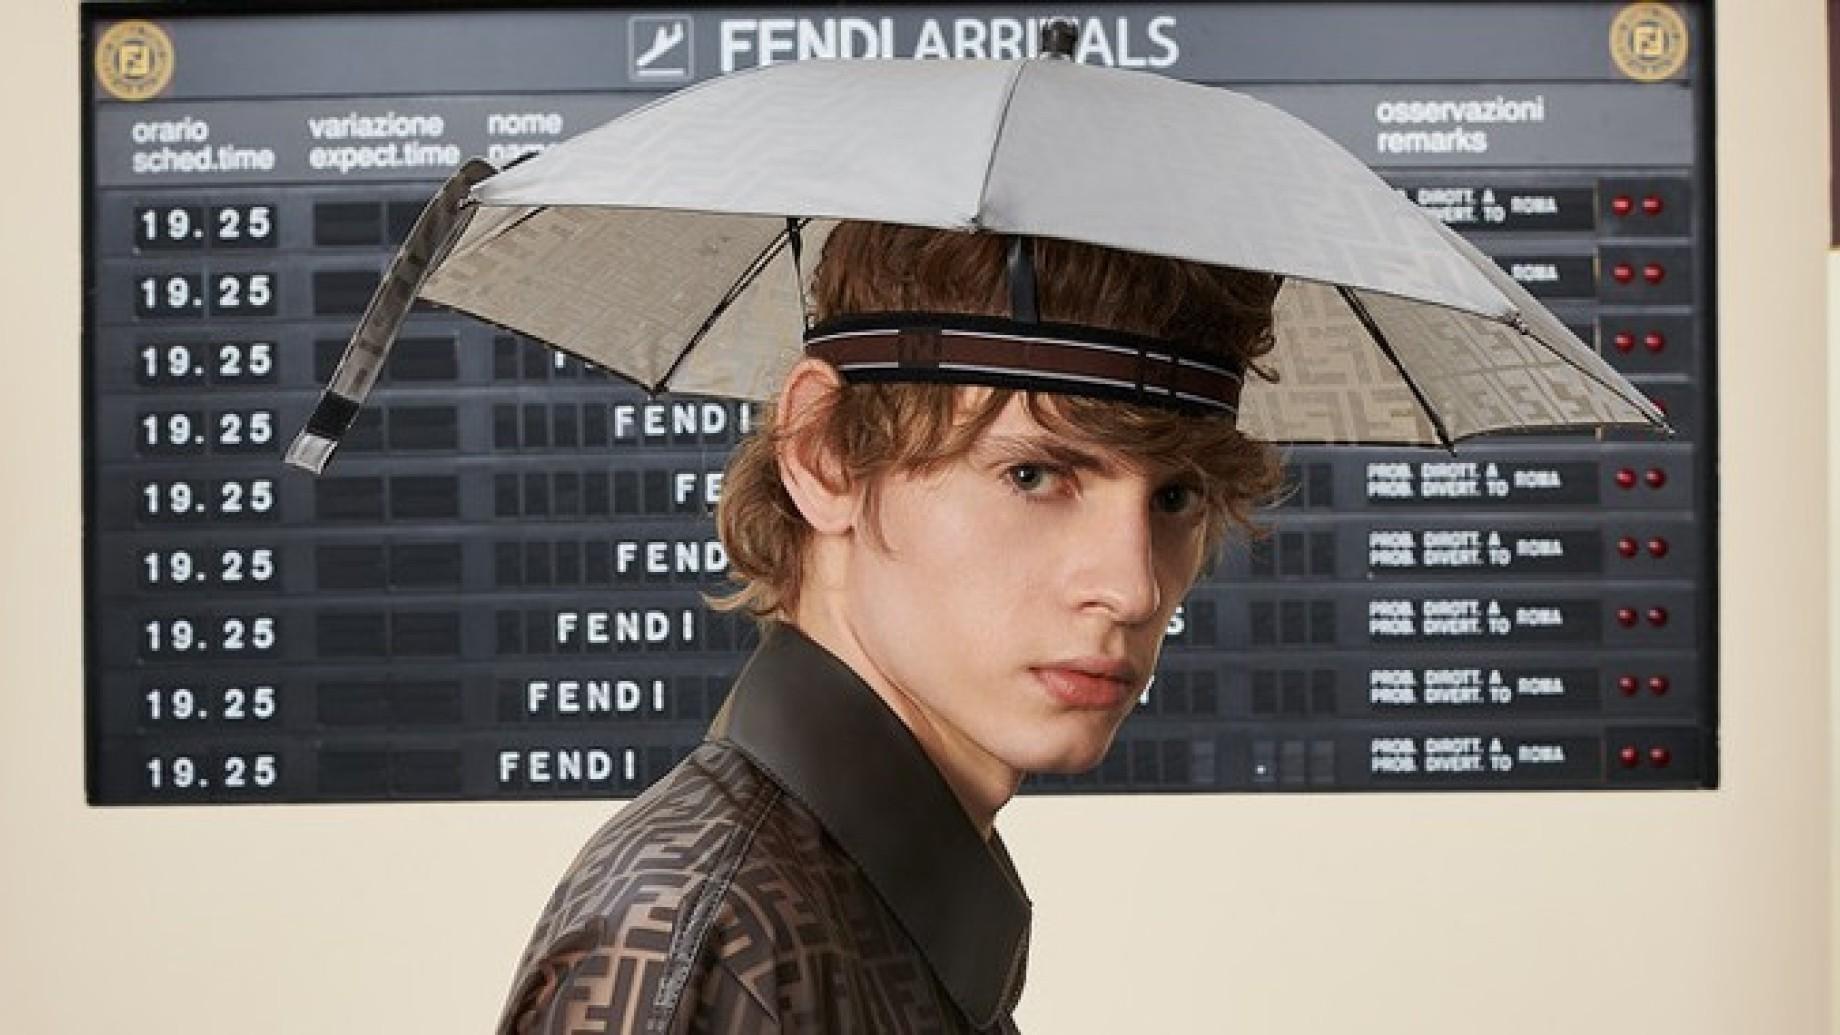 cappello fendi